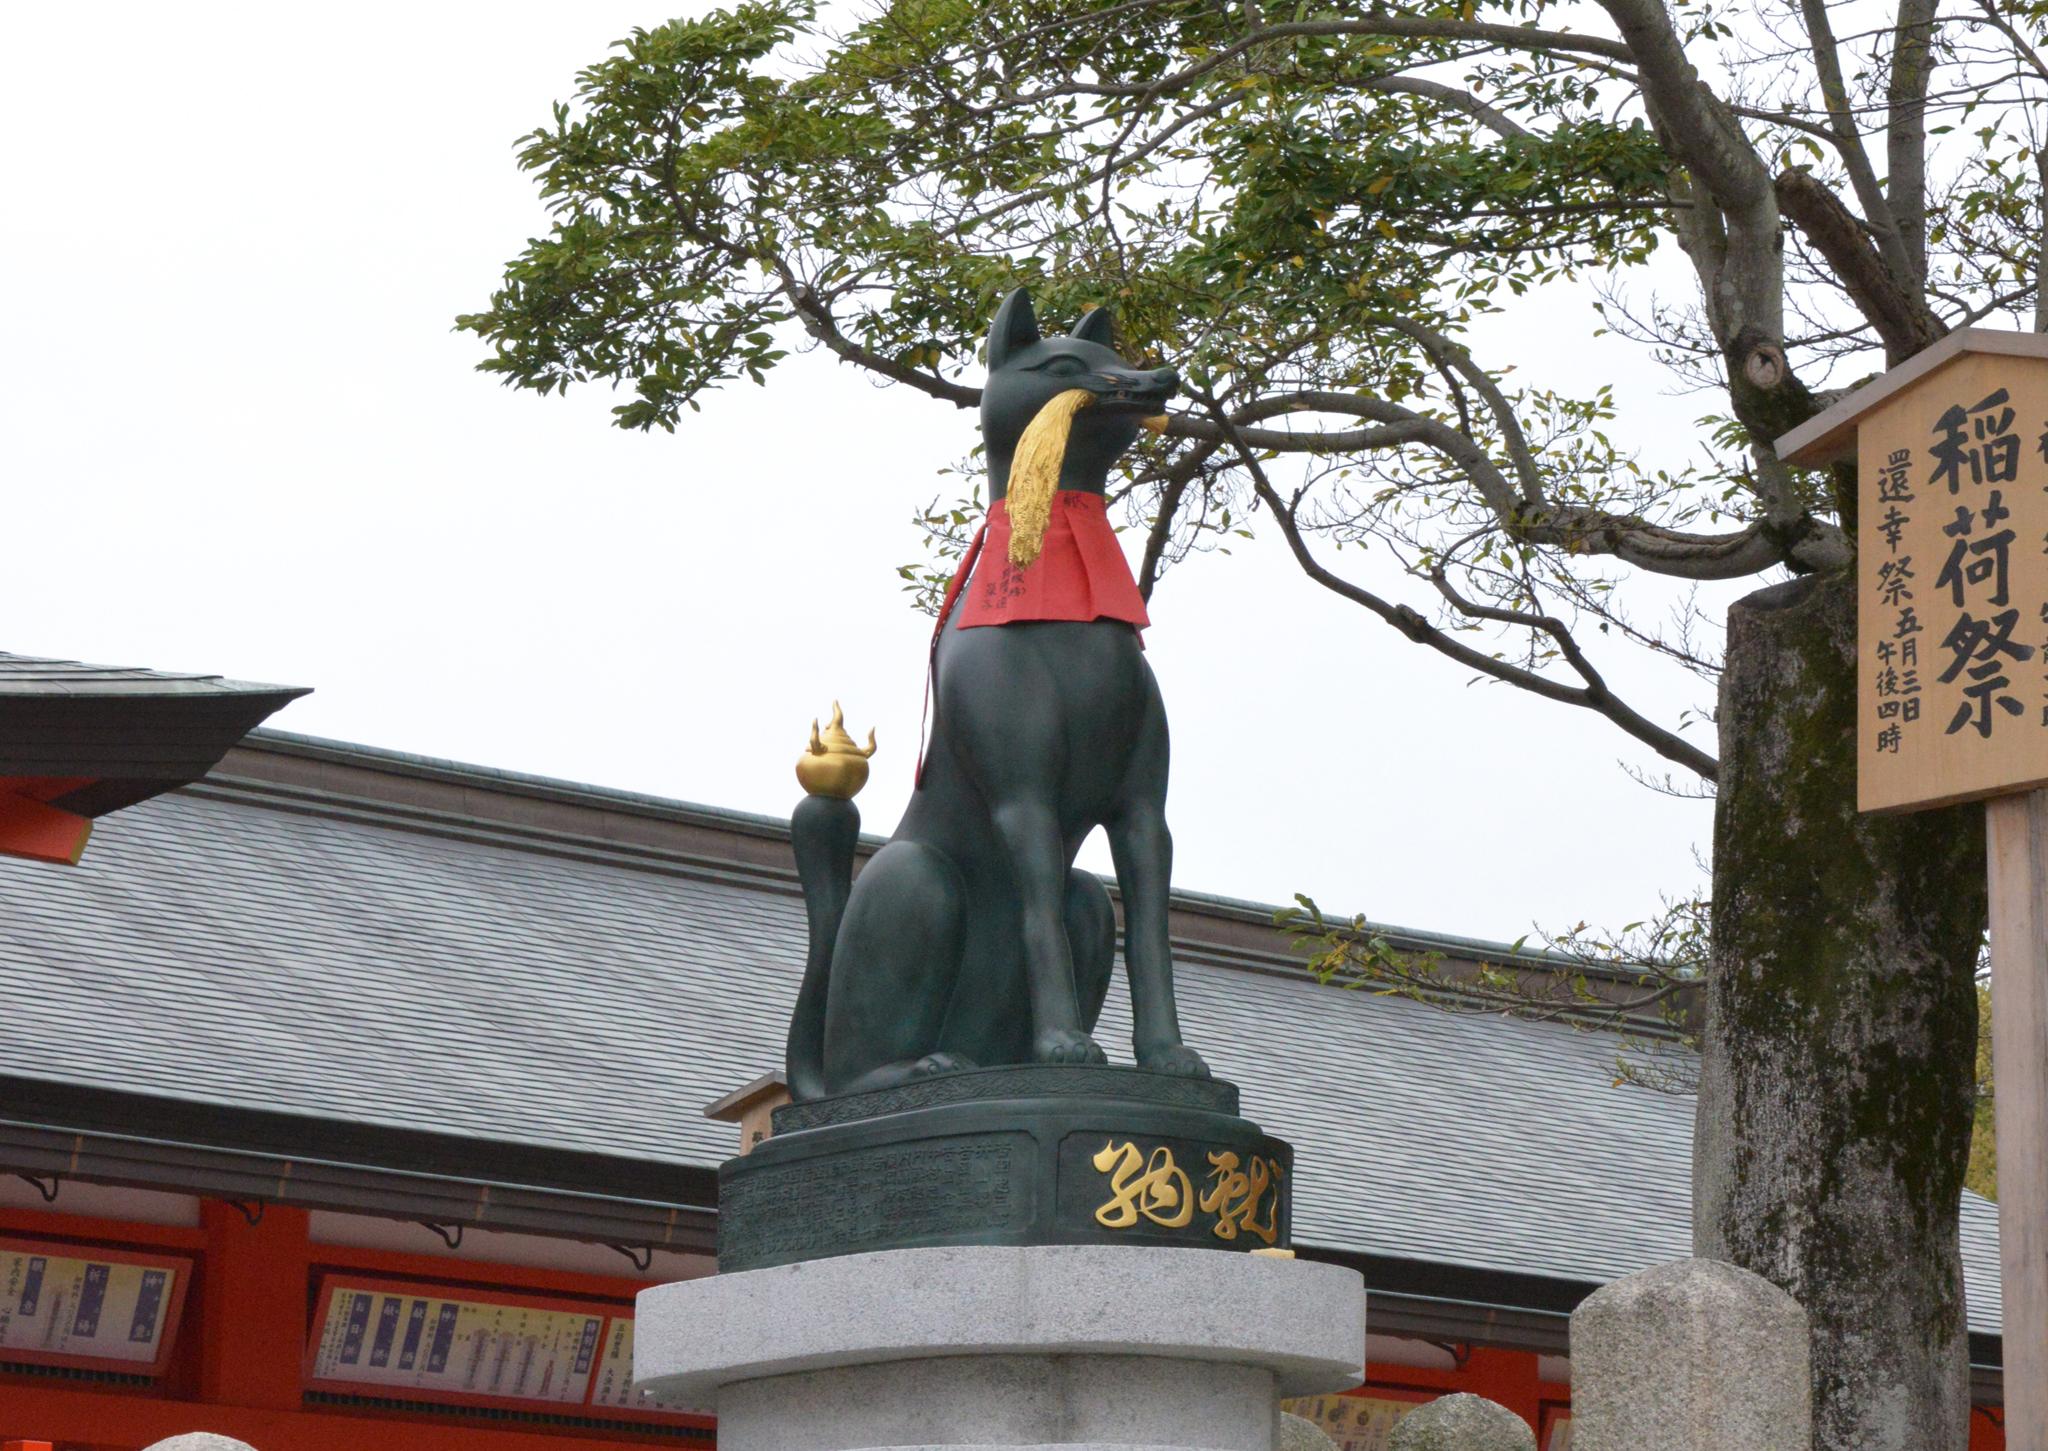 ⇑ 伏見稲荷神社 特に格好良い像